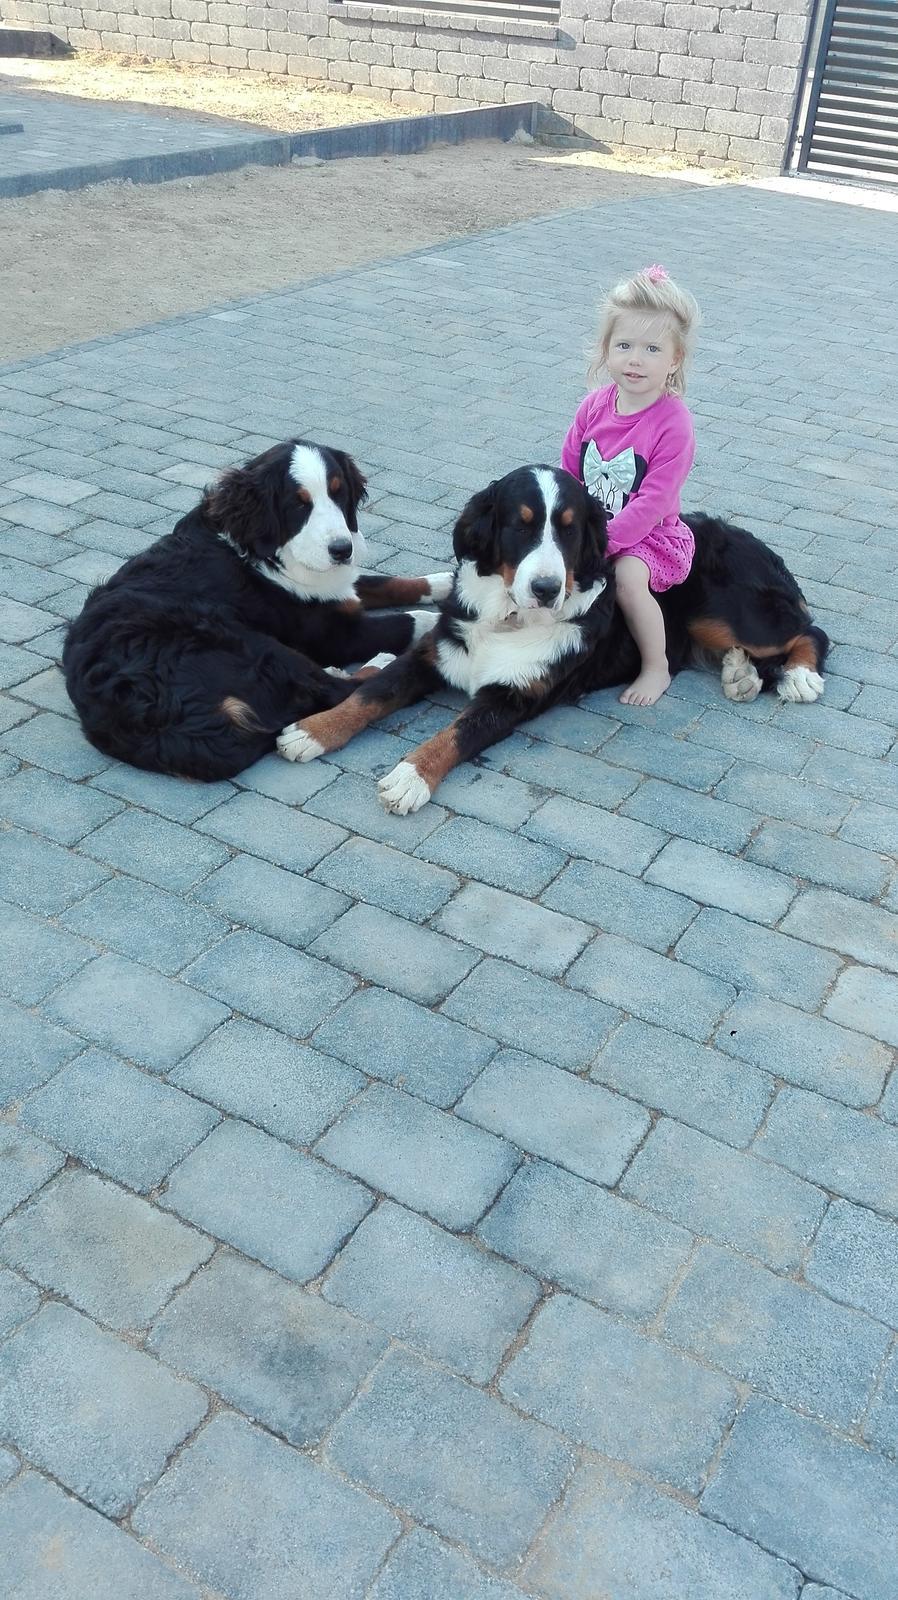 Nas zverinec - dve fenky,jeden pes a dvaja kocurikovia - takto krasne rastieme do krasy :-)